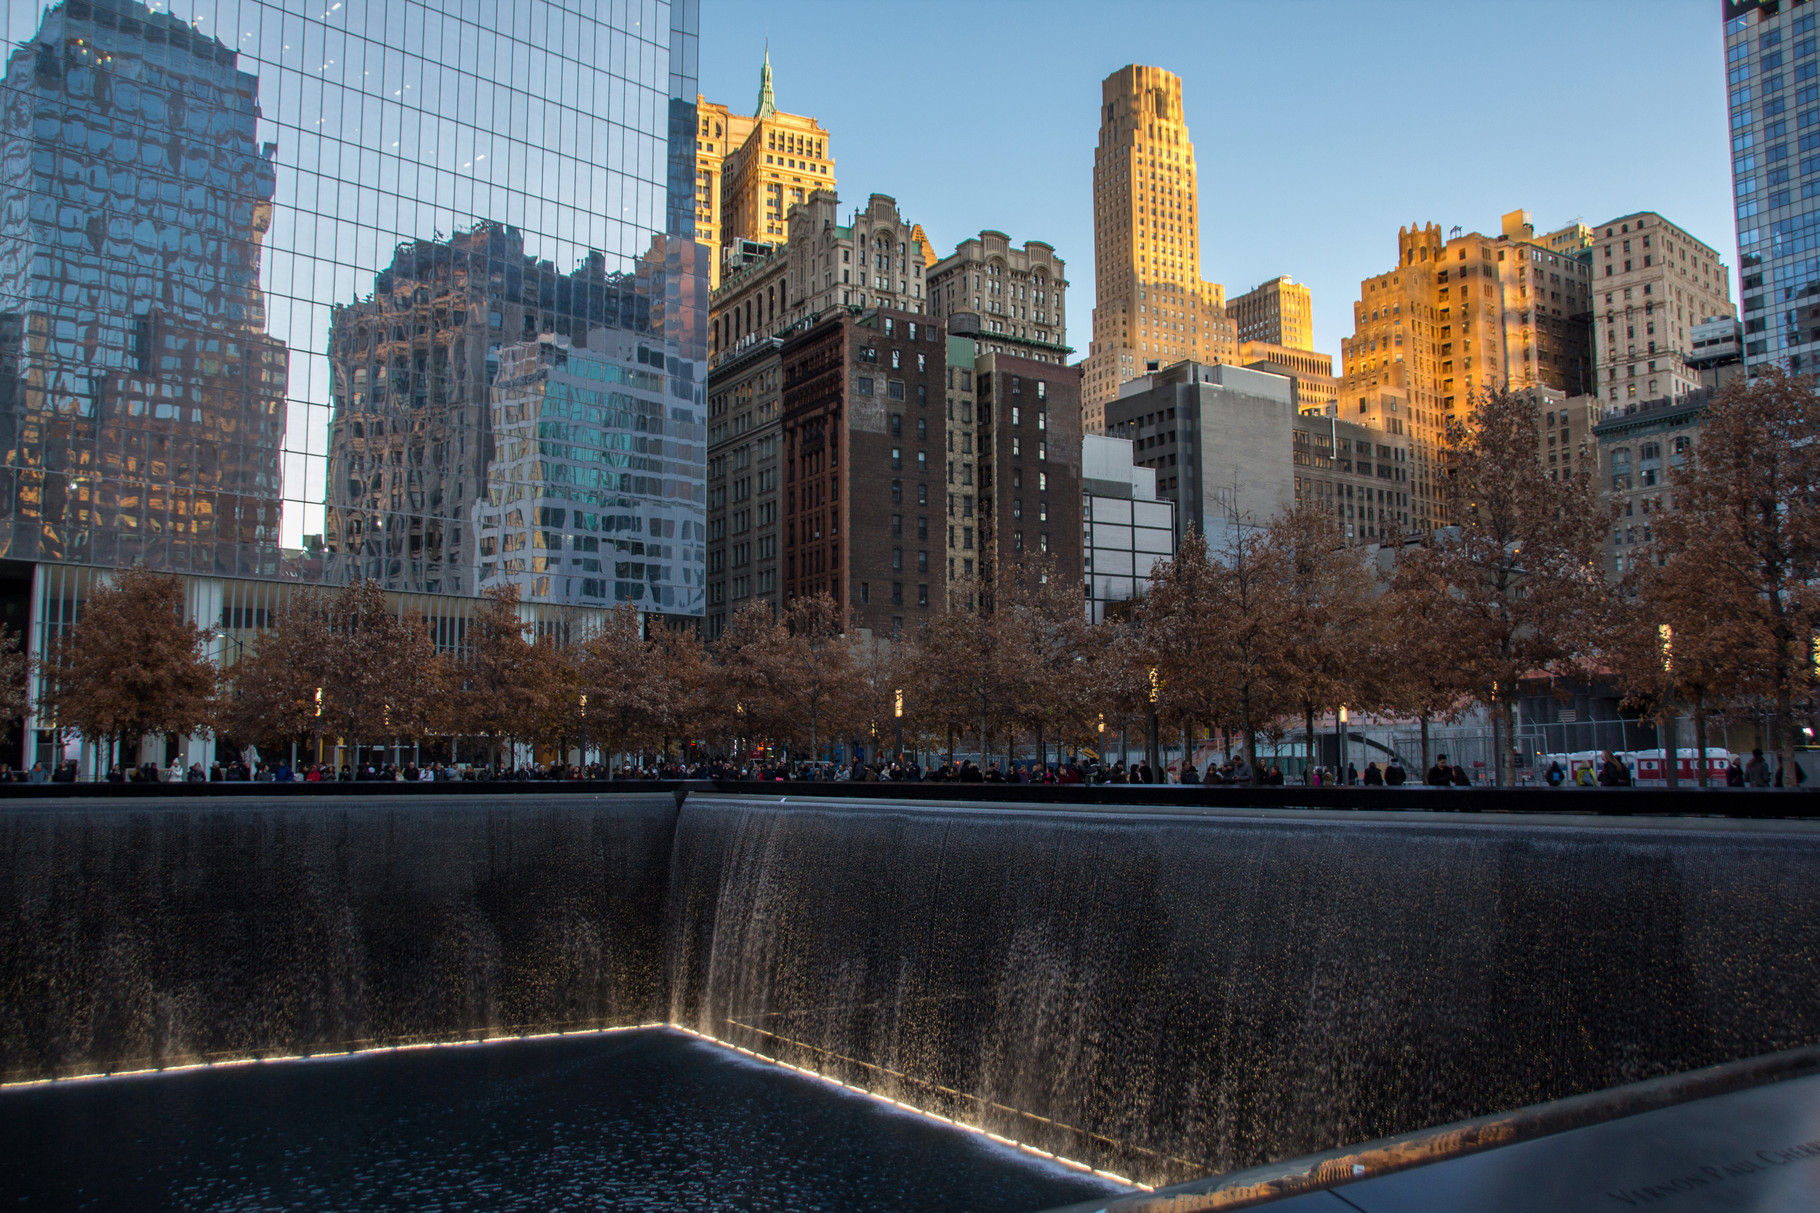 19_NYC 9/11 Memorial.